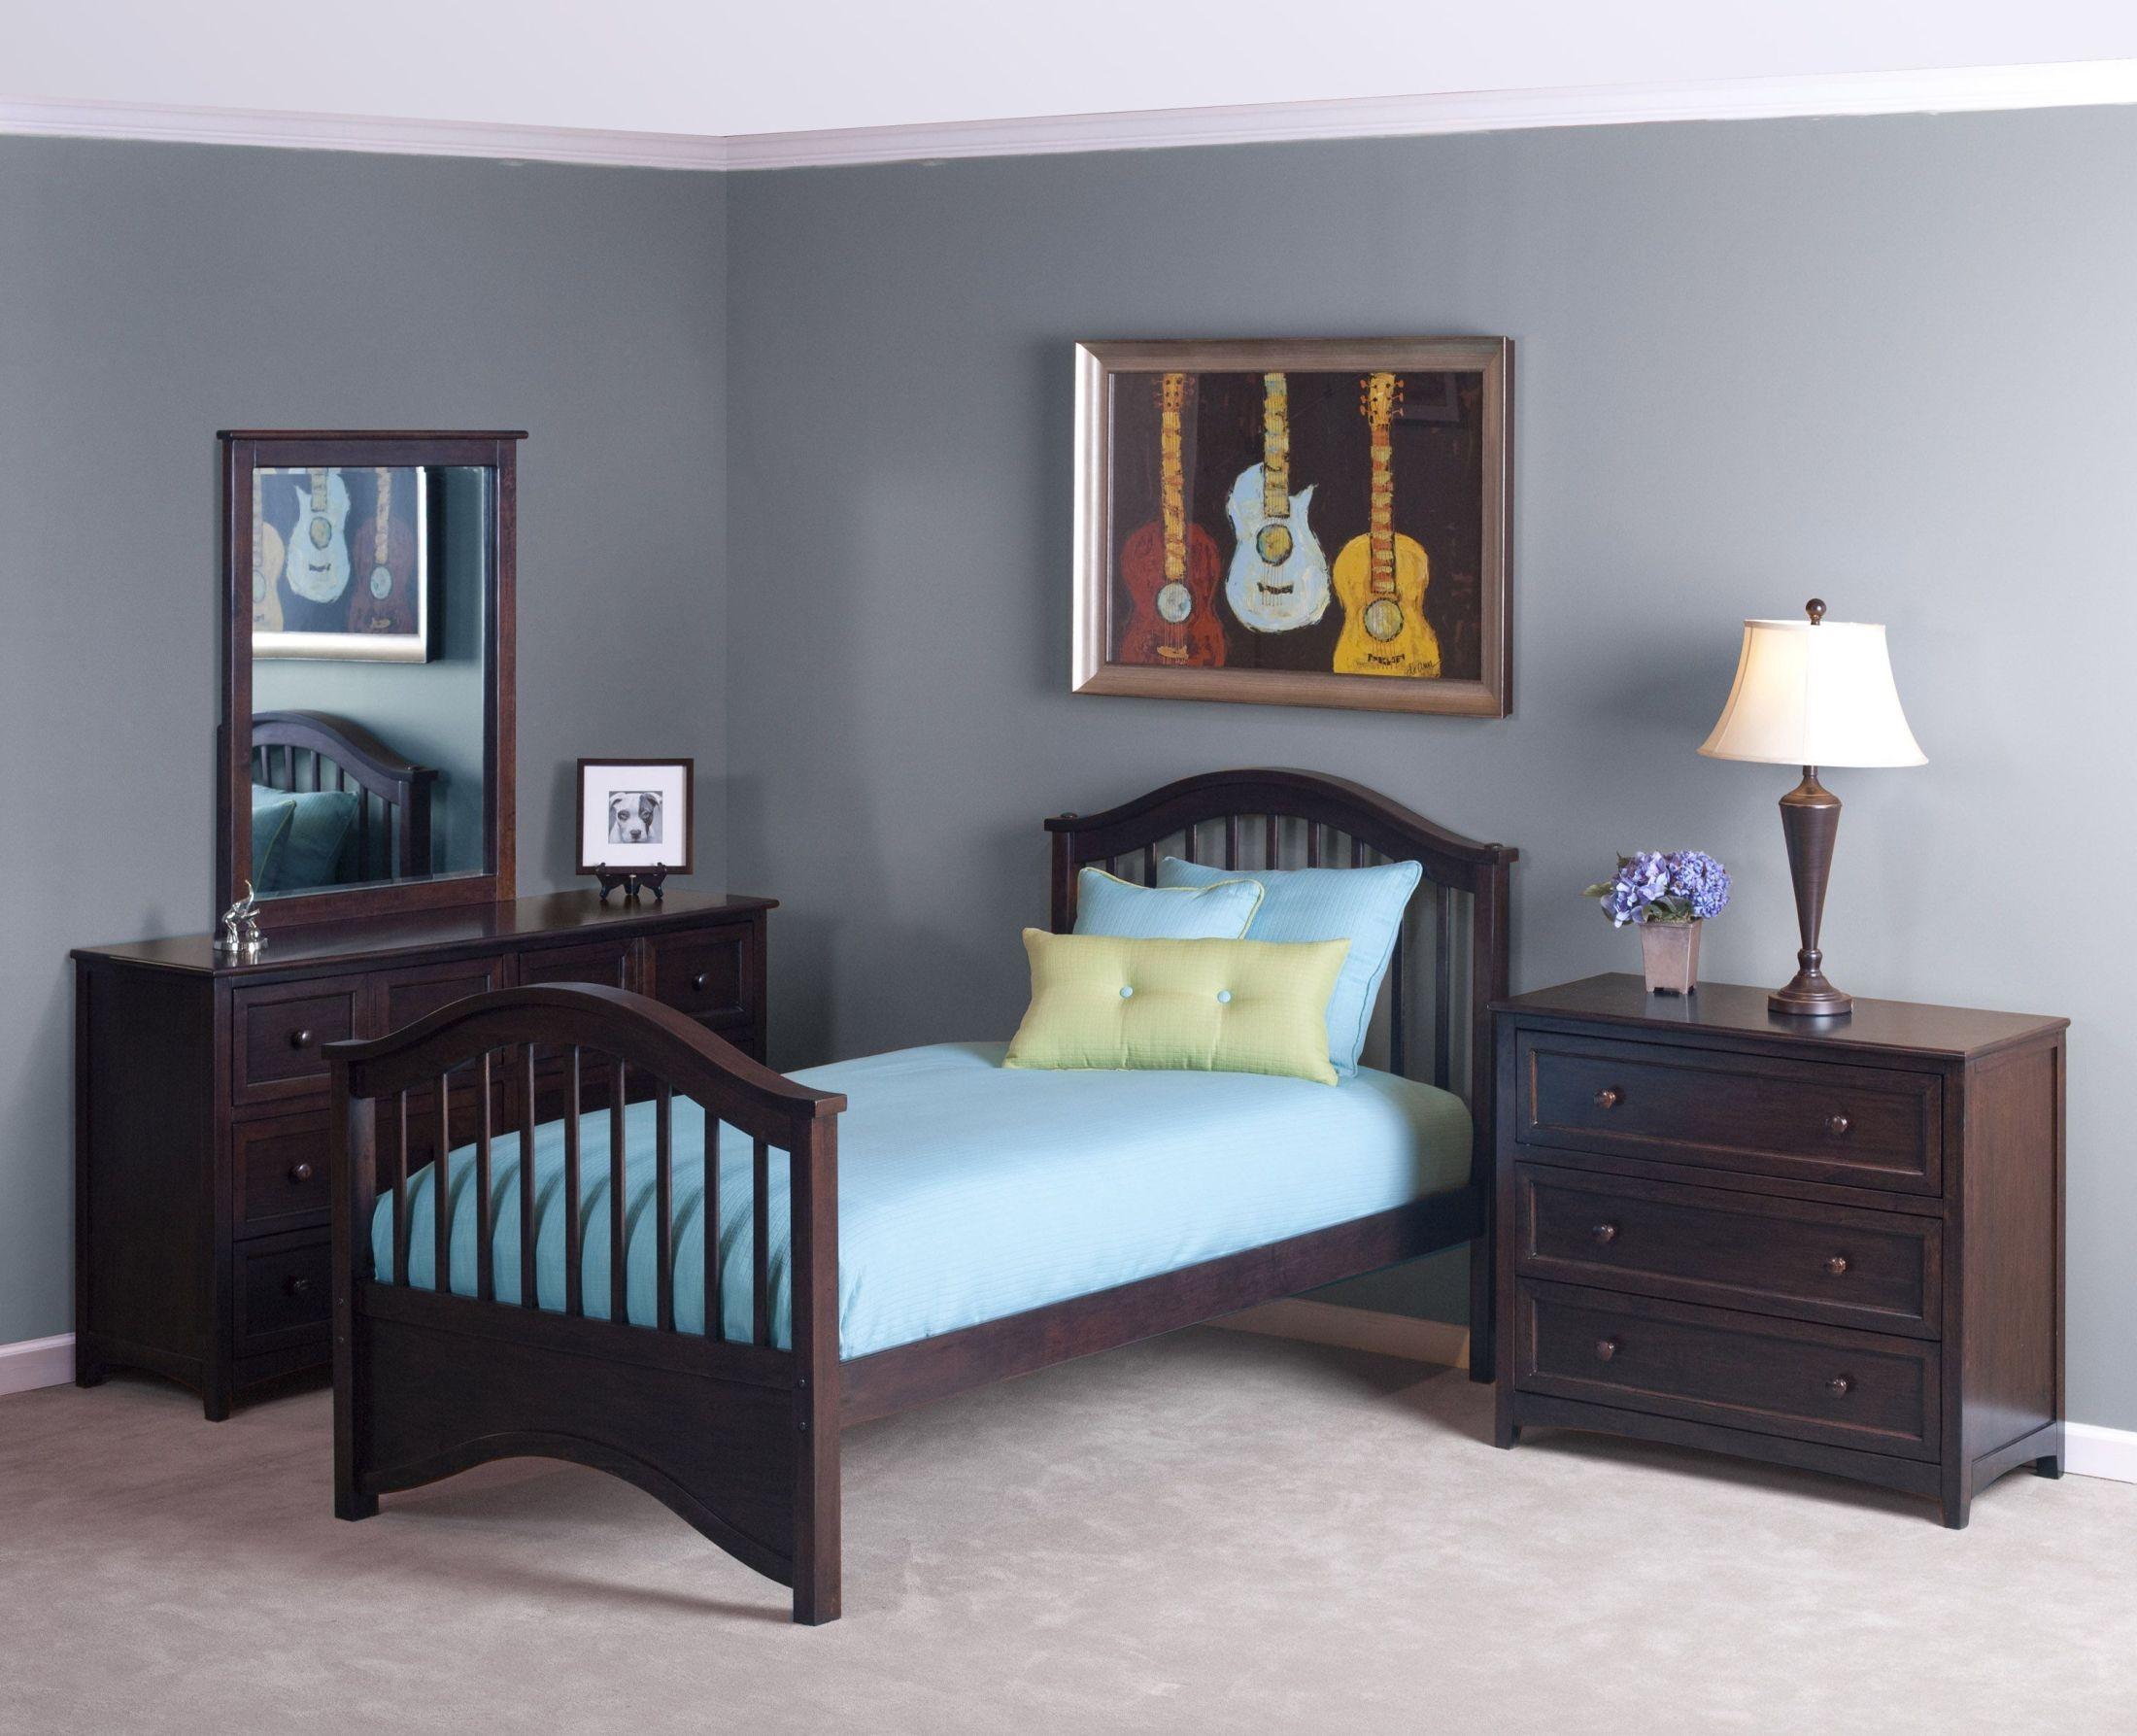 School house chocolate jordan youth panel bedroom set from ne kids coleman furniture for Jordans furniture bedroom sets